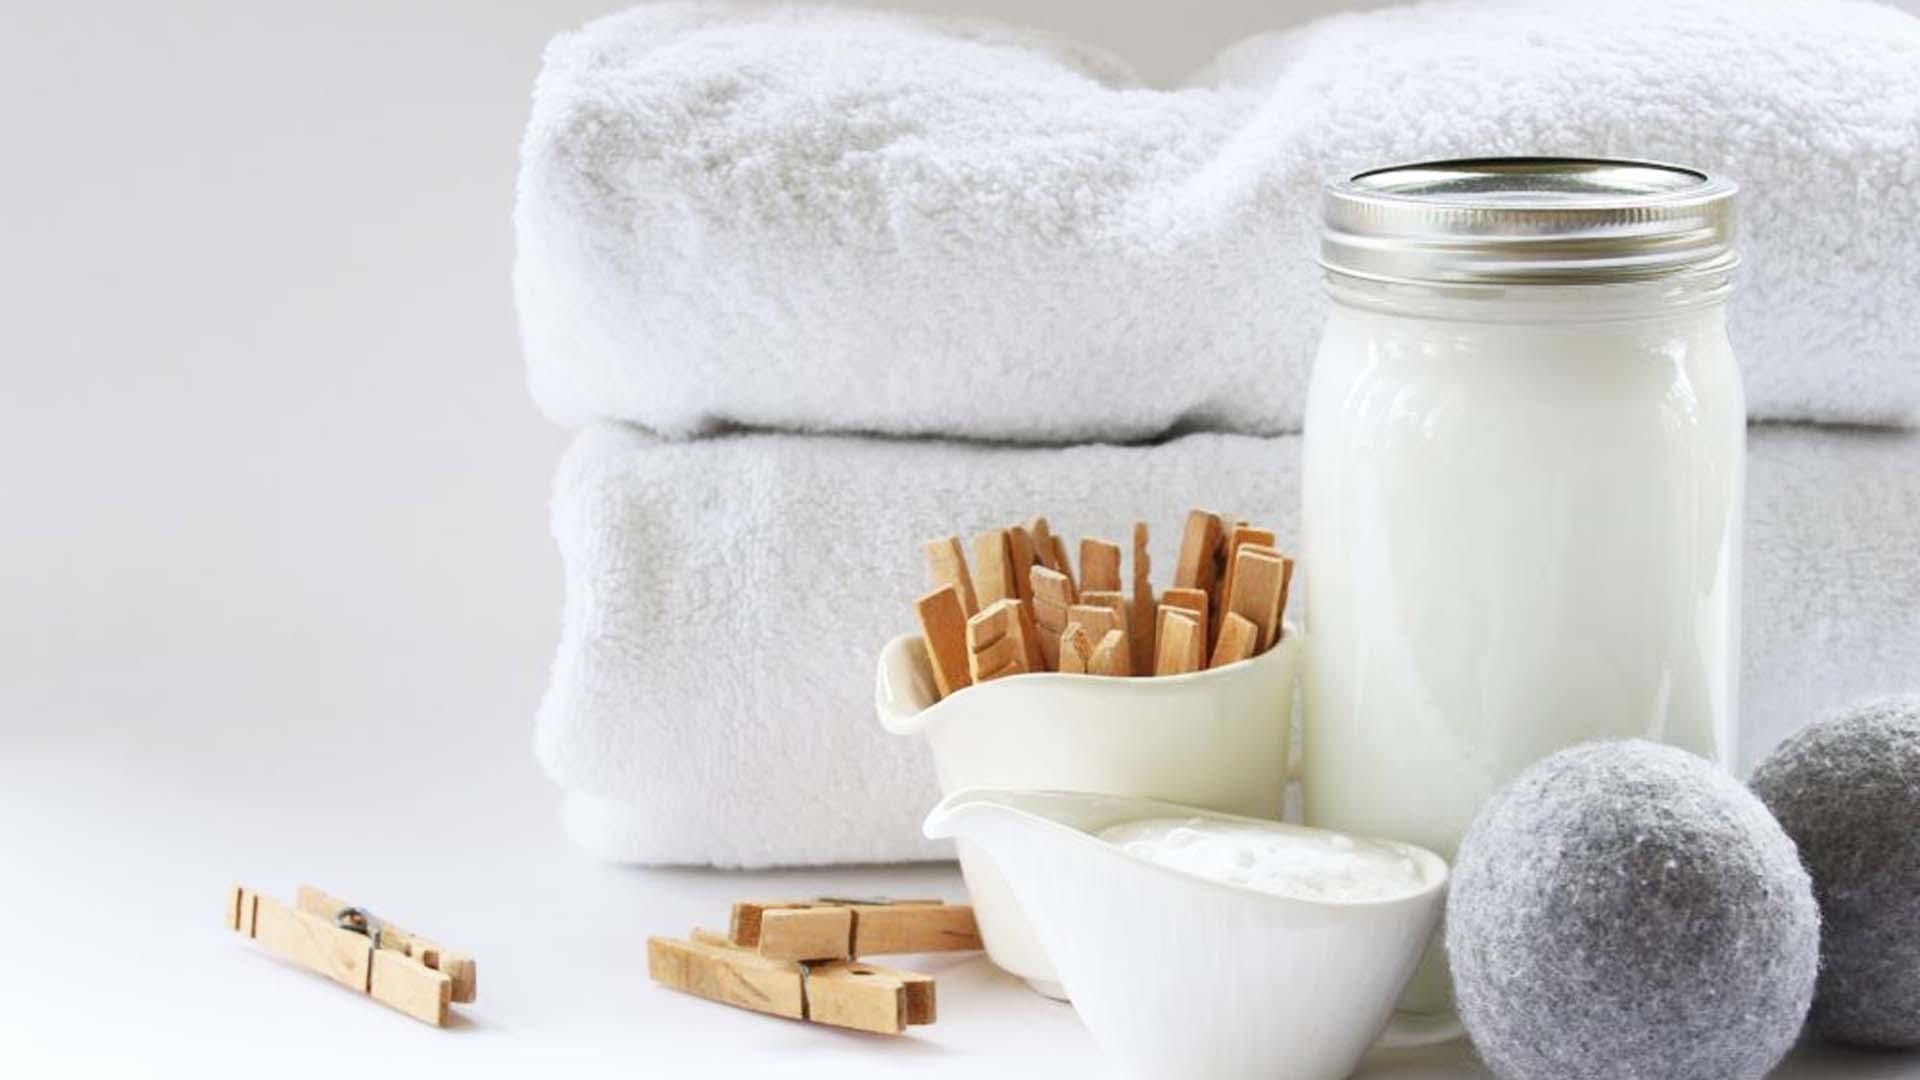 lessive en vrac dans un bocal et serviettes